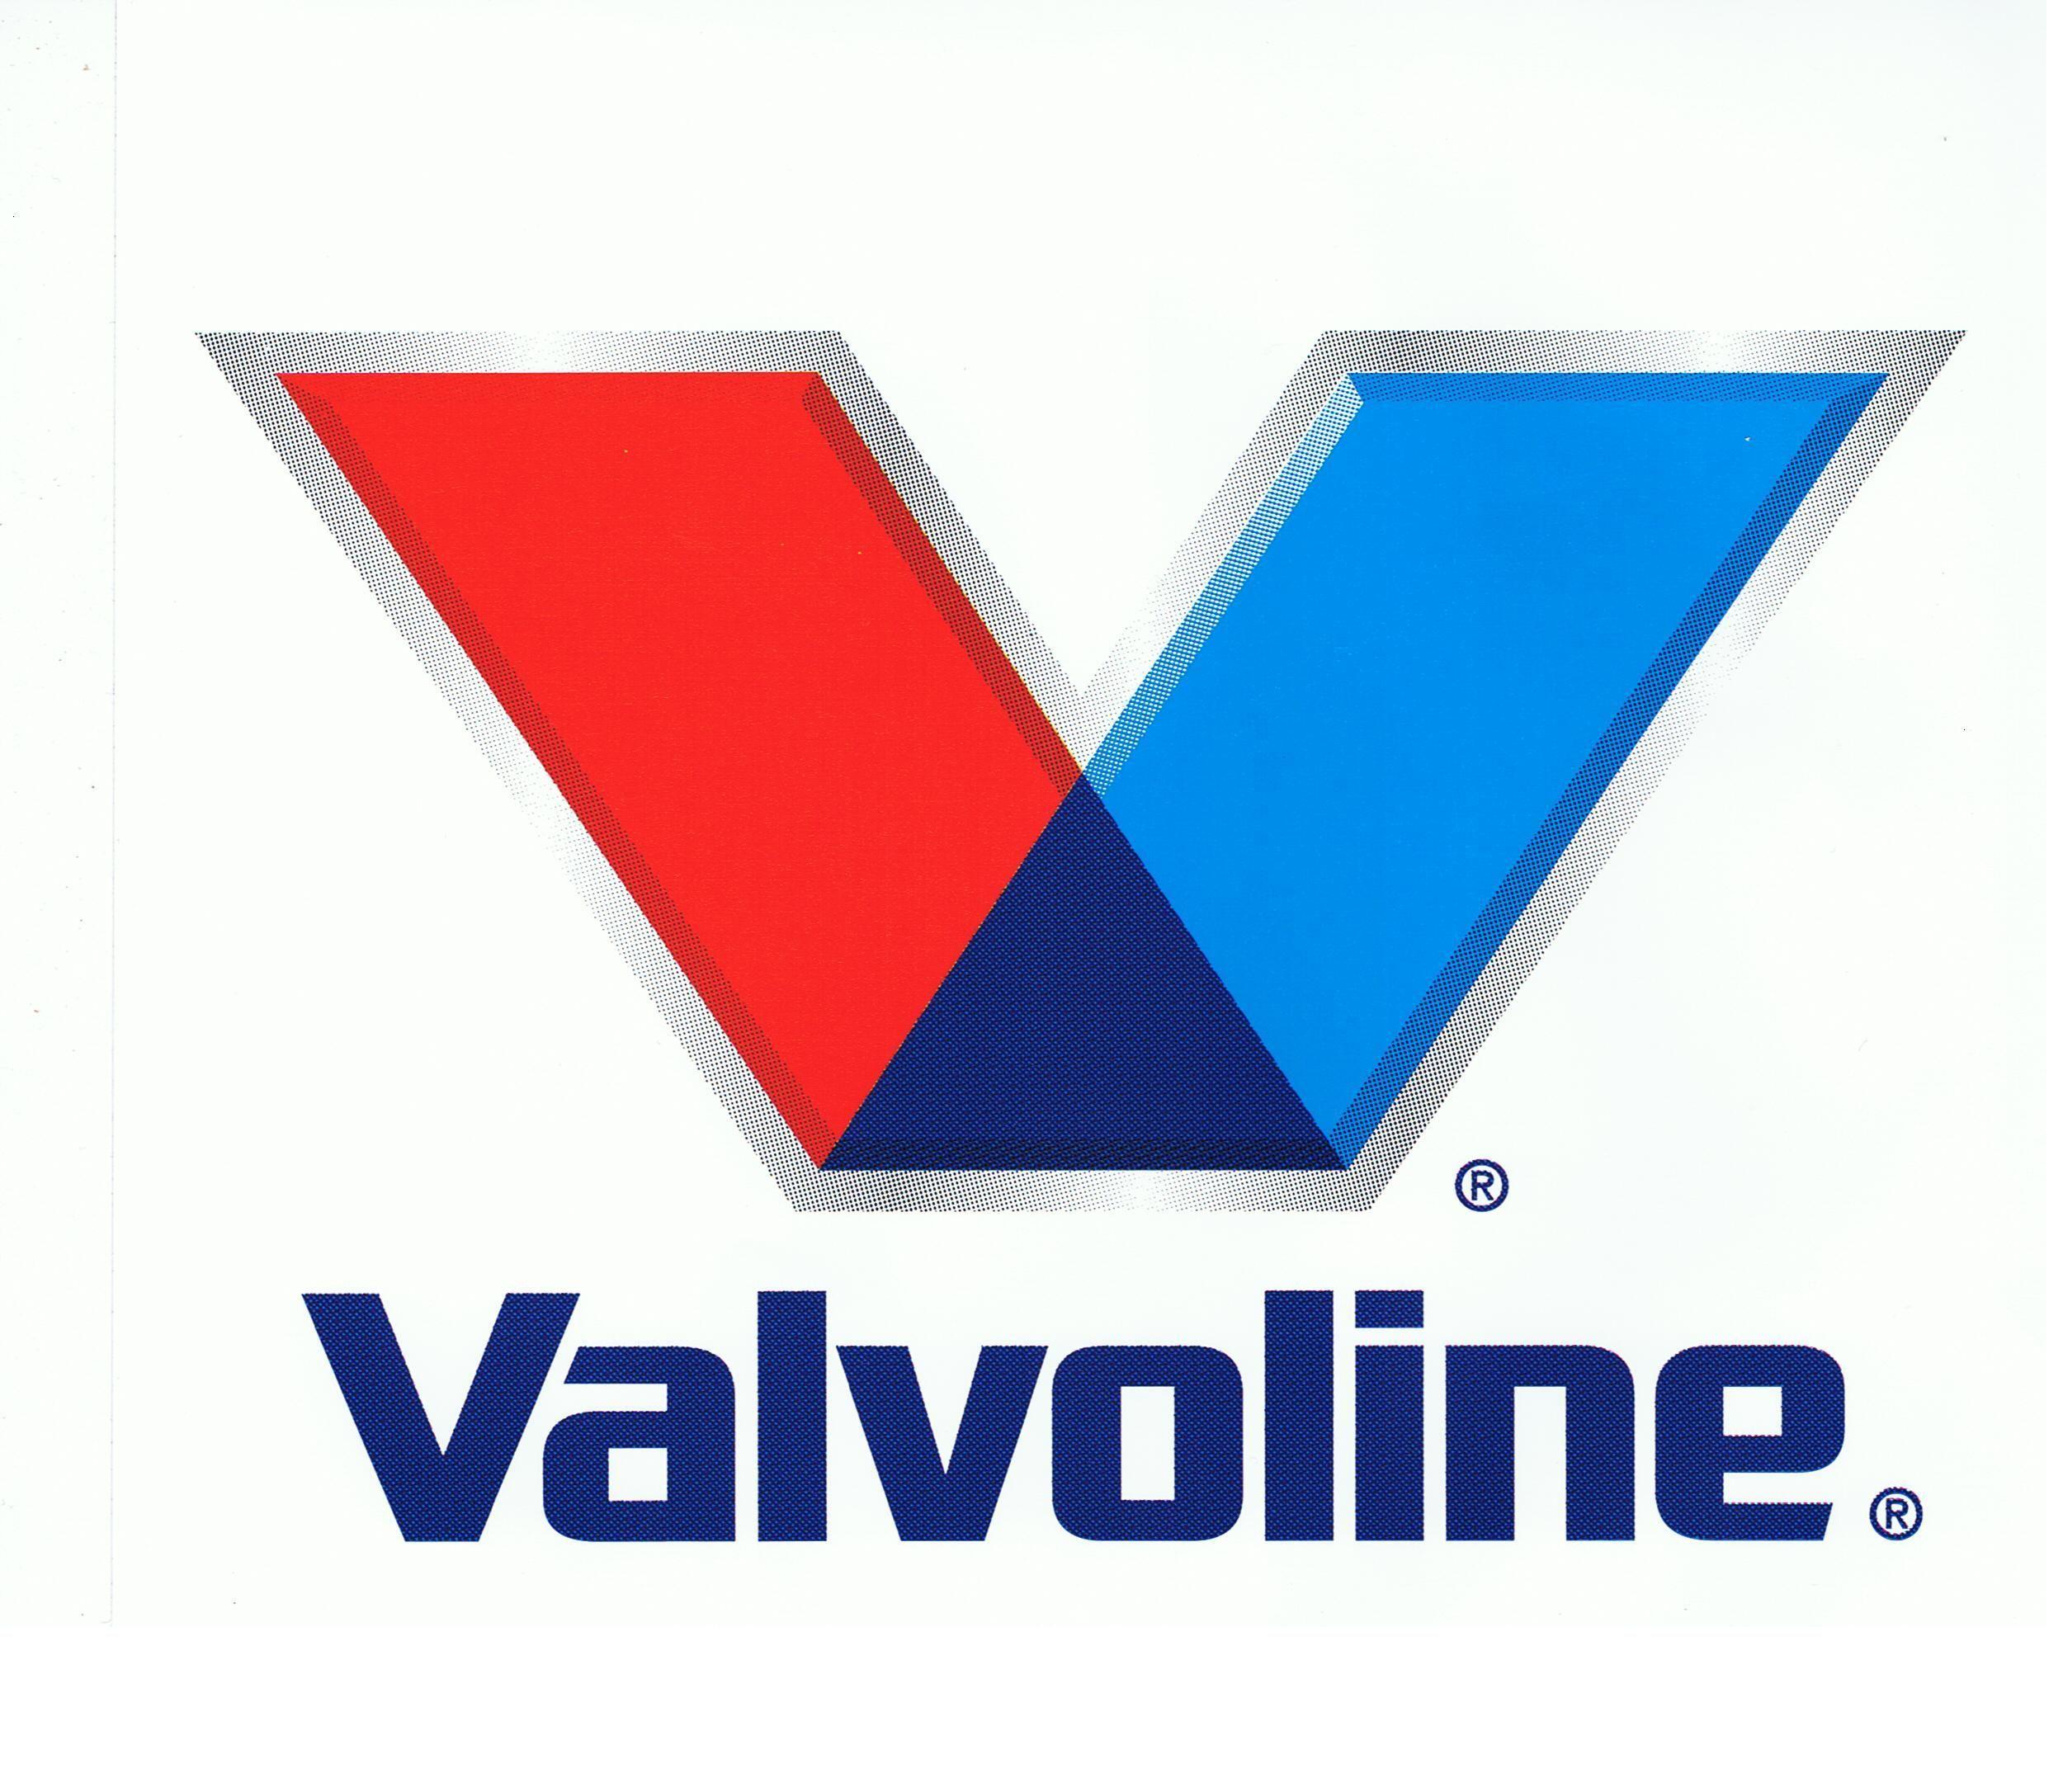 valvoline - Google Search Affiche, Bricolage, Logo Lettré, Logos De Voitures, Meilleur Logo, Publicités Vintage, Autocollants, Motifs, Autos